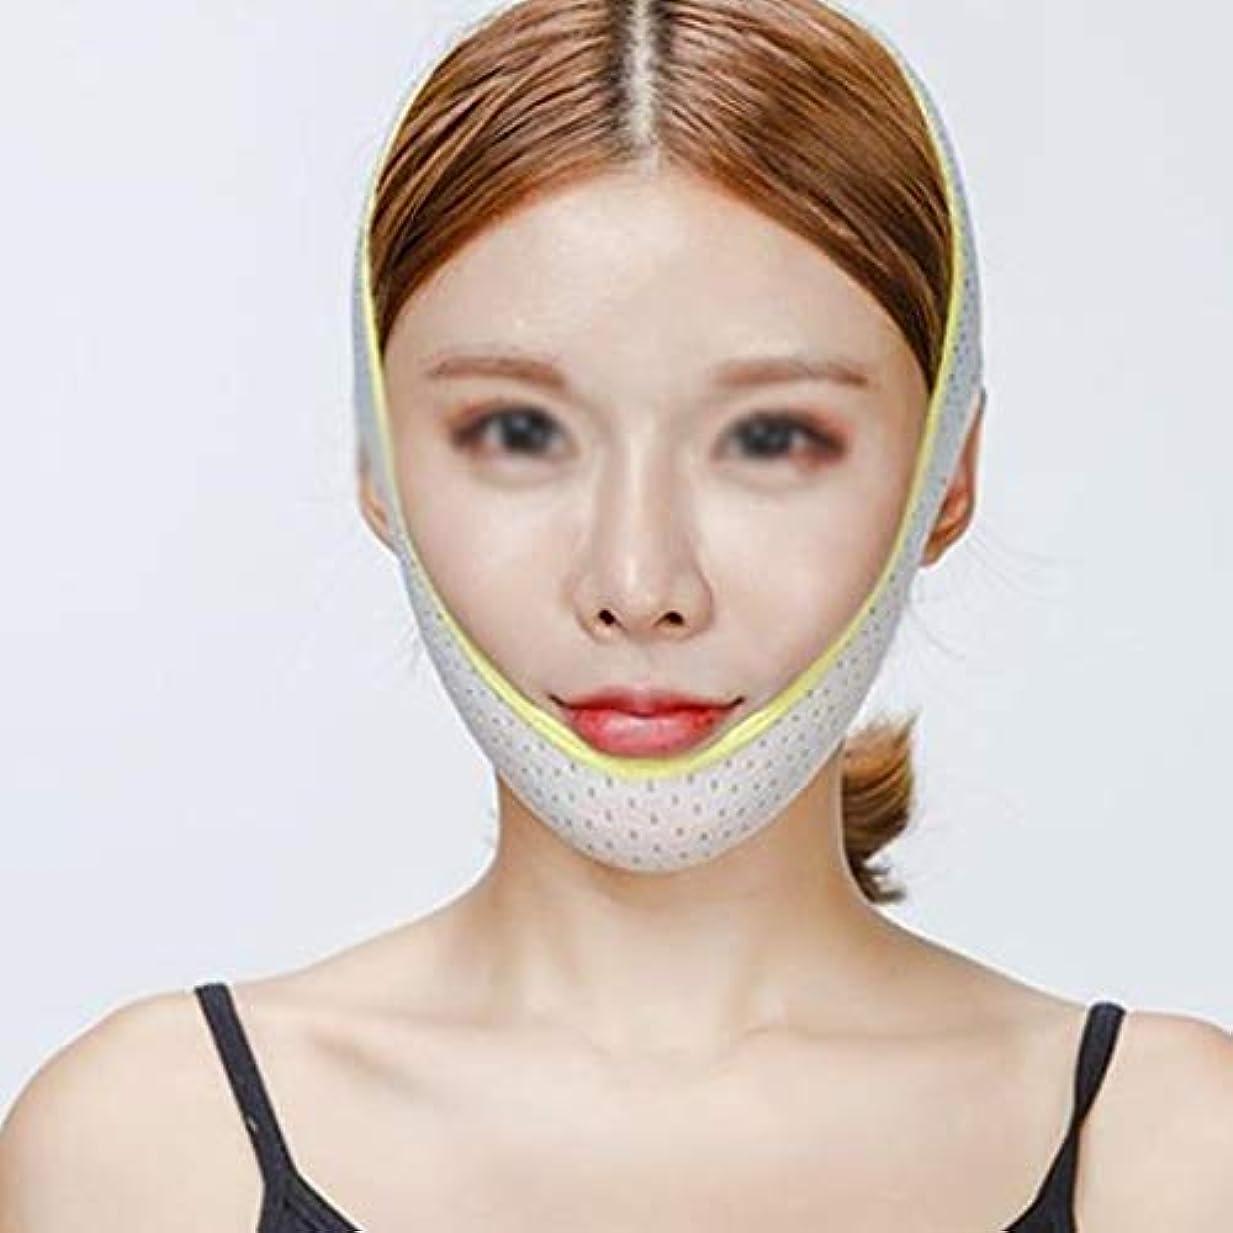 コンセンサス立ち寄る乳製品ZWBD フェイスマスク, Vフェイスアーティファクトフェイスリフトステッカー本物のフェイスリフト韓国フェイスフェイシャルリフティングファーミングインストゥルメントフェイシャルリフティング睡眠包帯